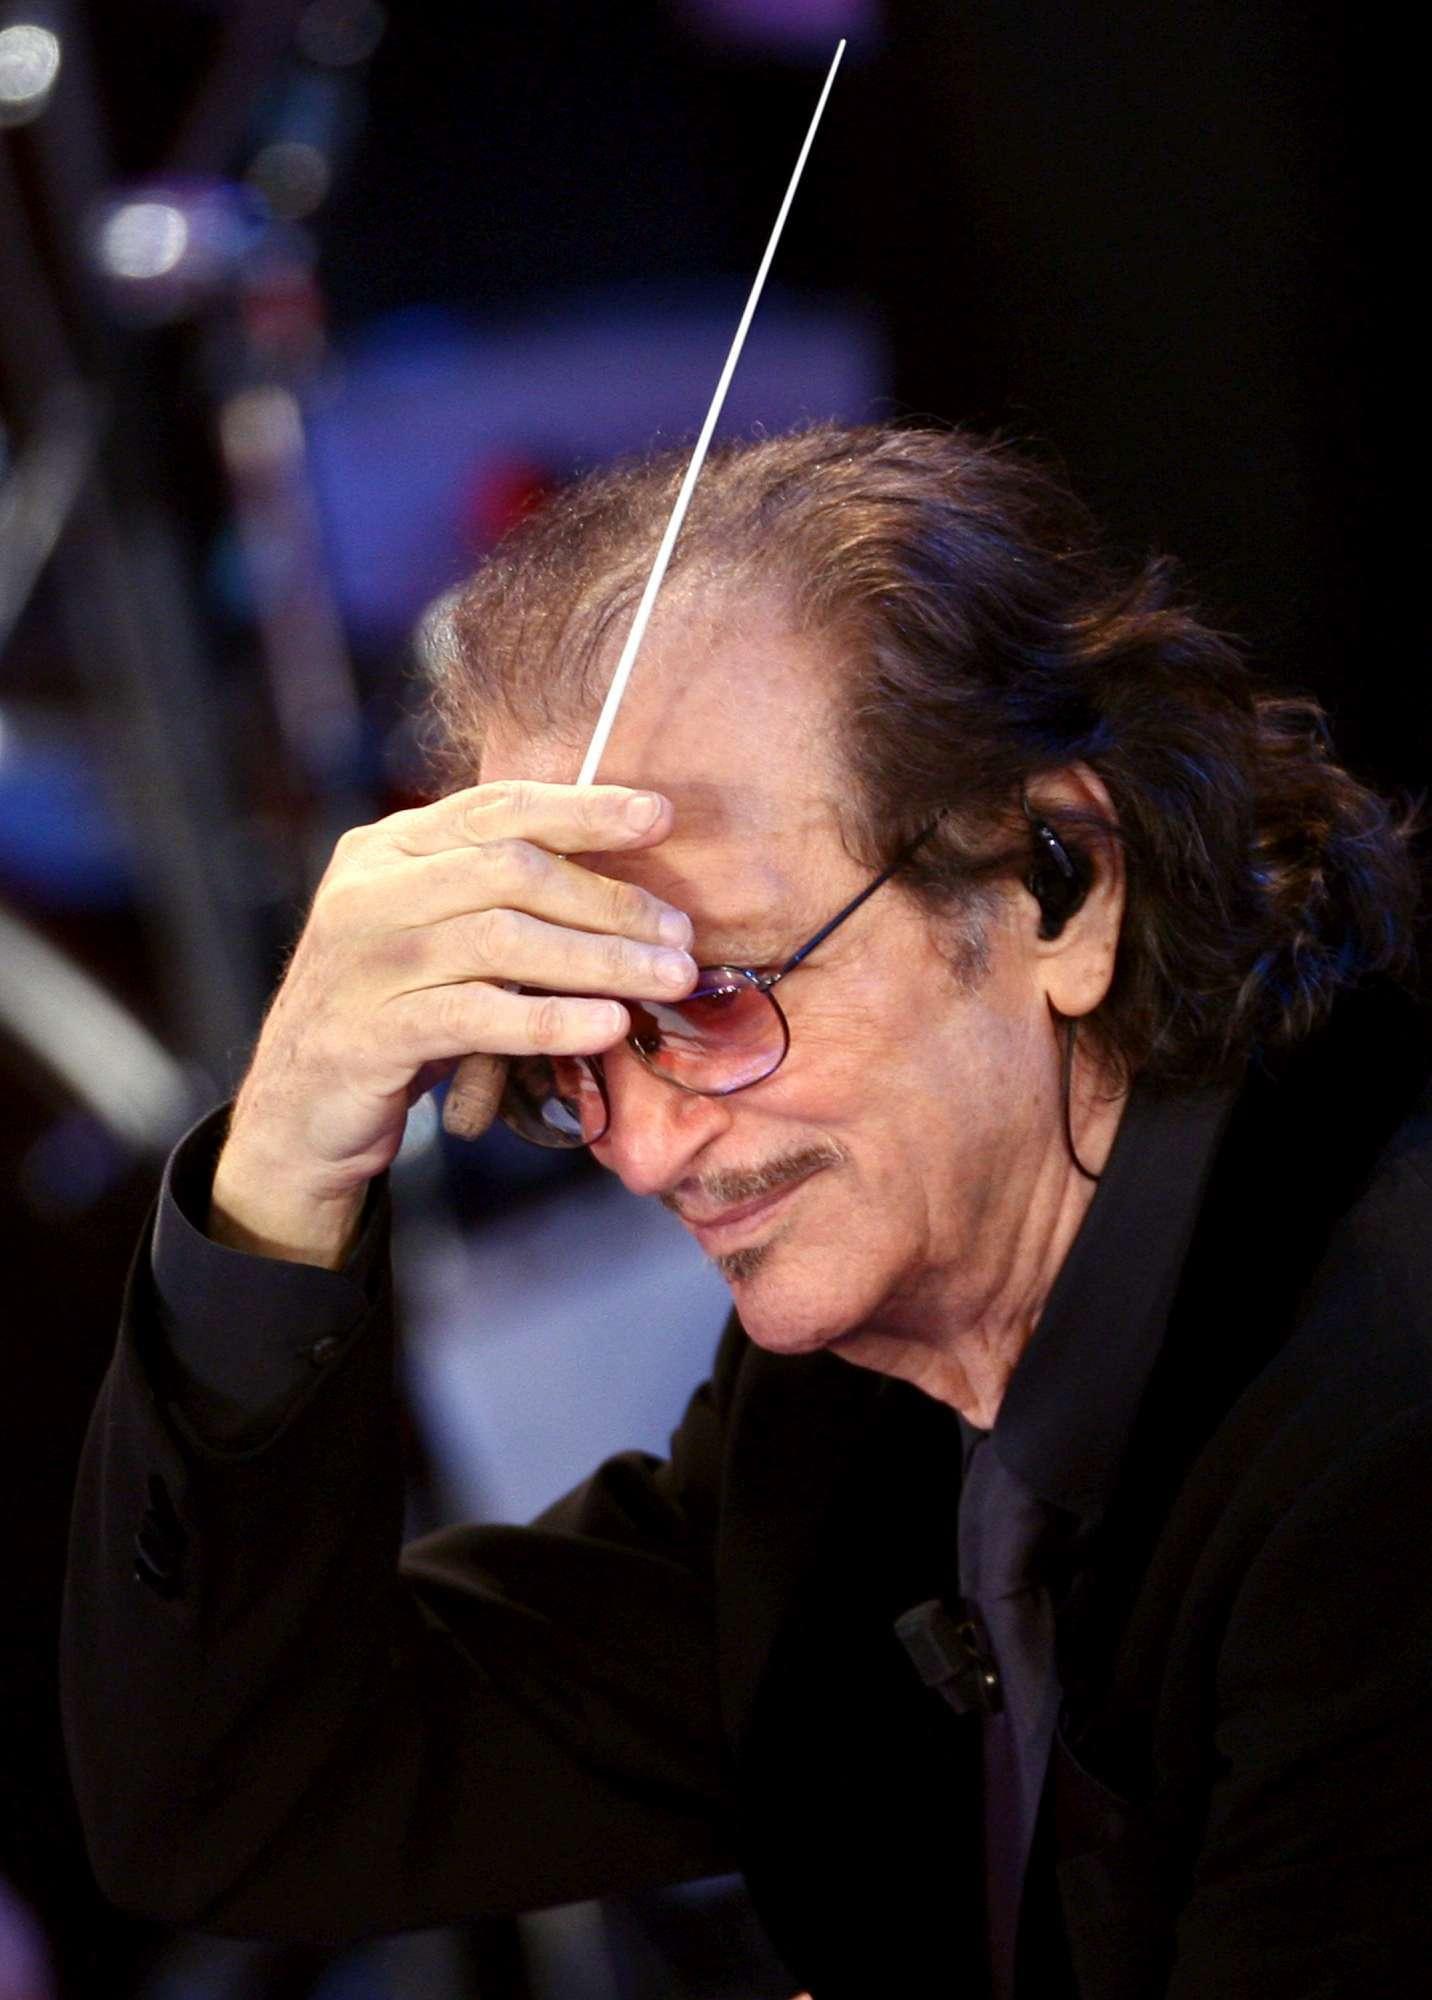 Musica, morto il maestro Pippo Caruso